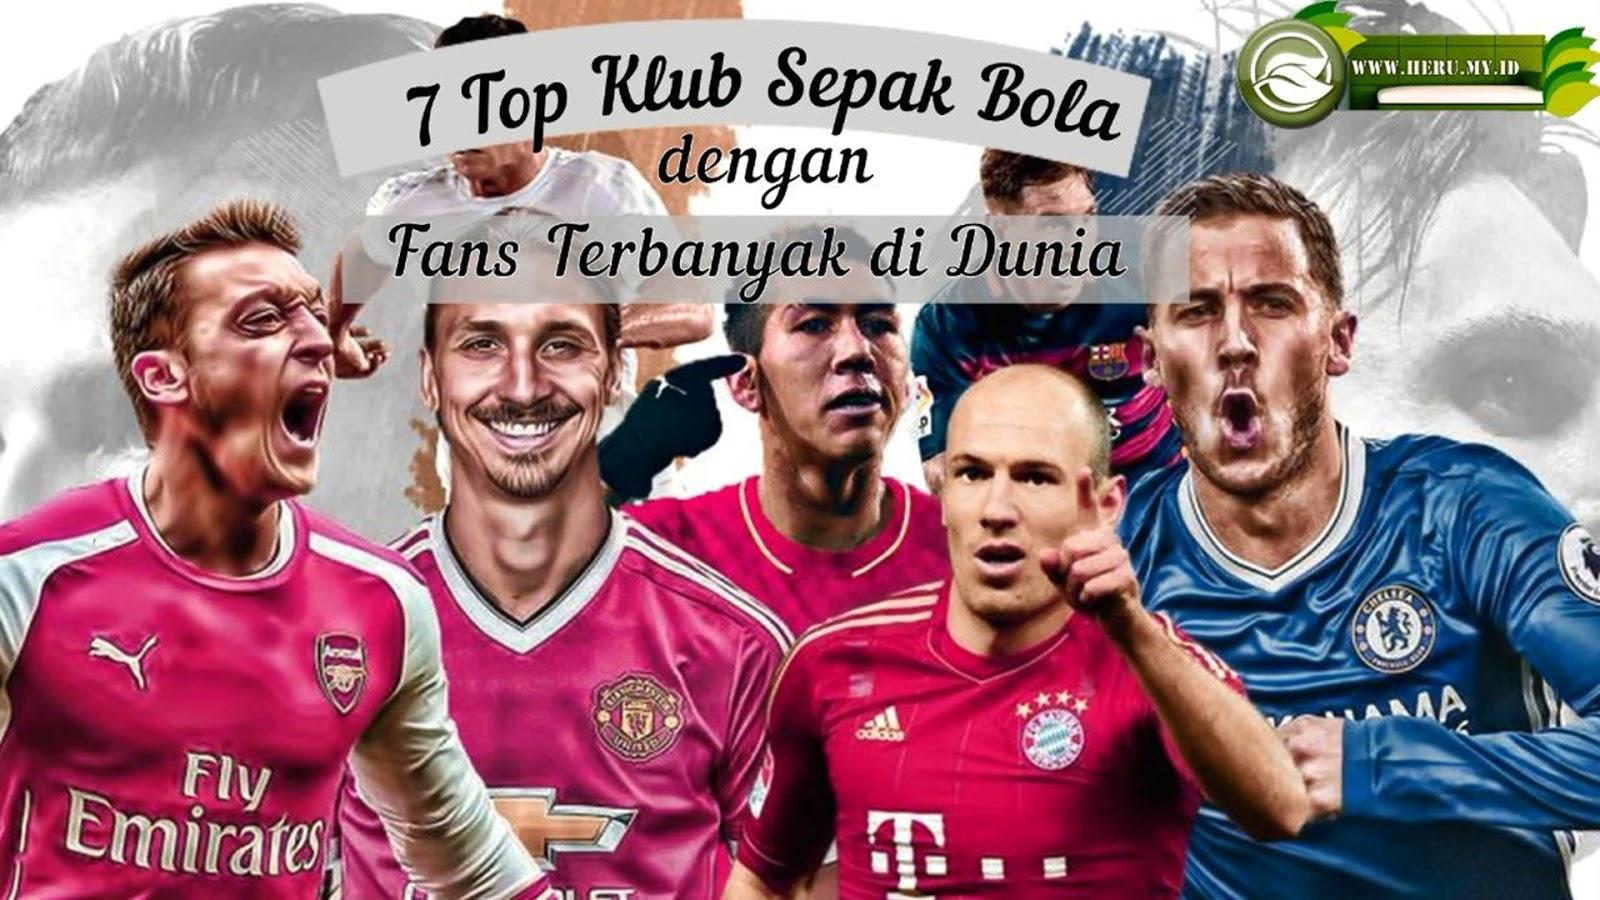 merupakan salah satu yang menjadi indikasi seberapa besar klub tersebut  7 Top Klub Sepak Bola dengan Fans Terbanyak di Dunia Hari Ini